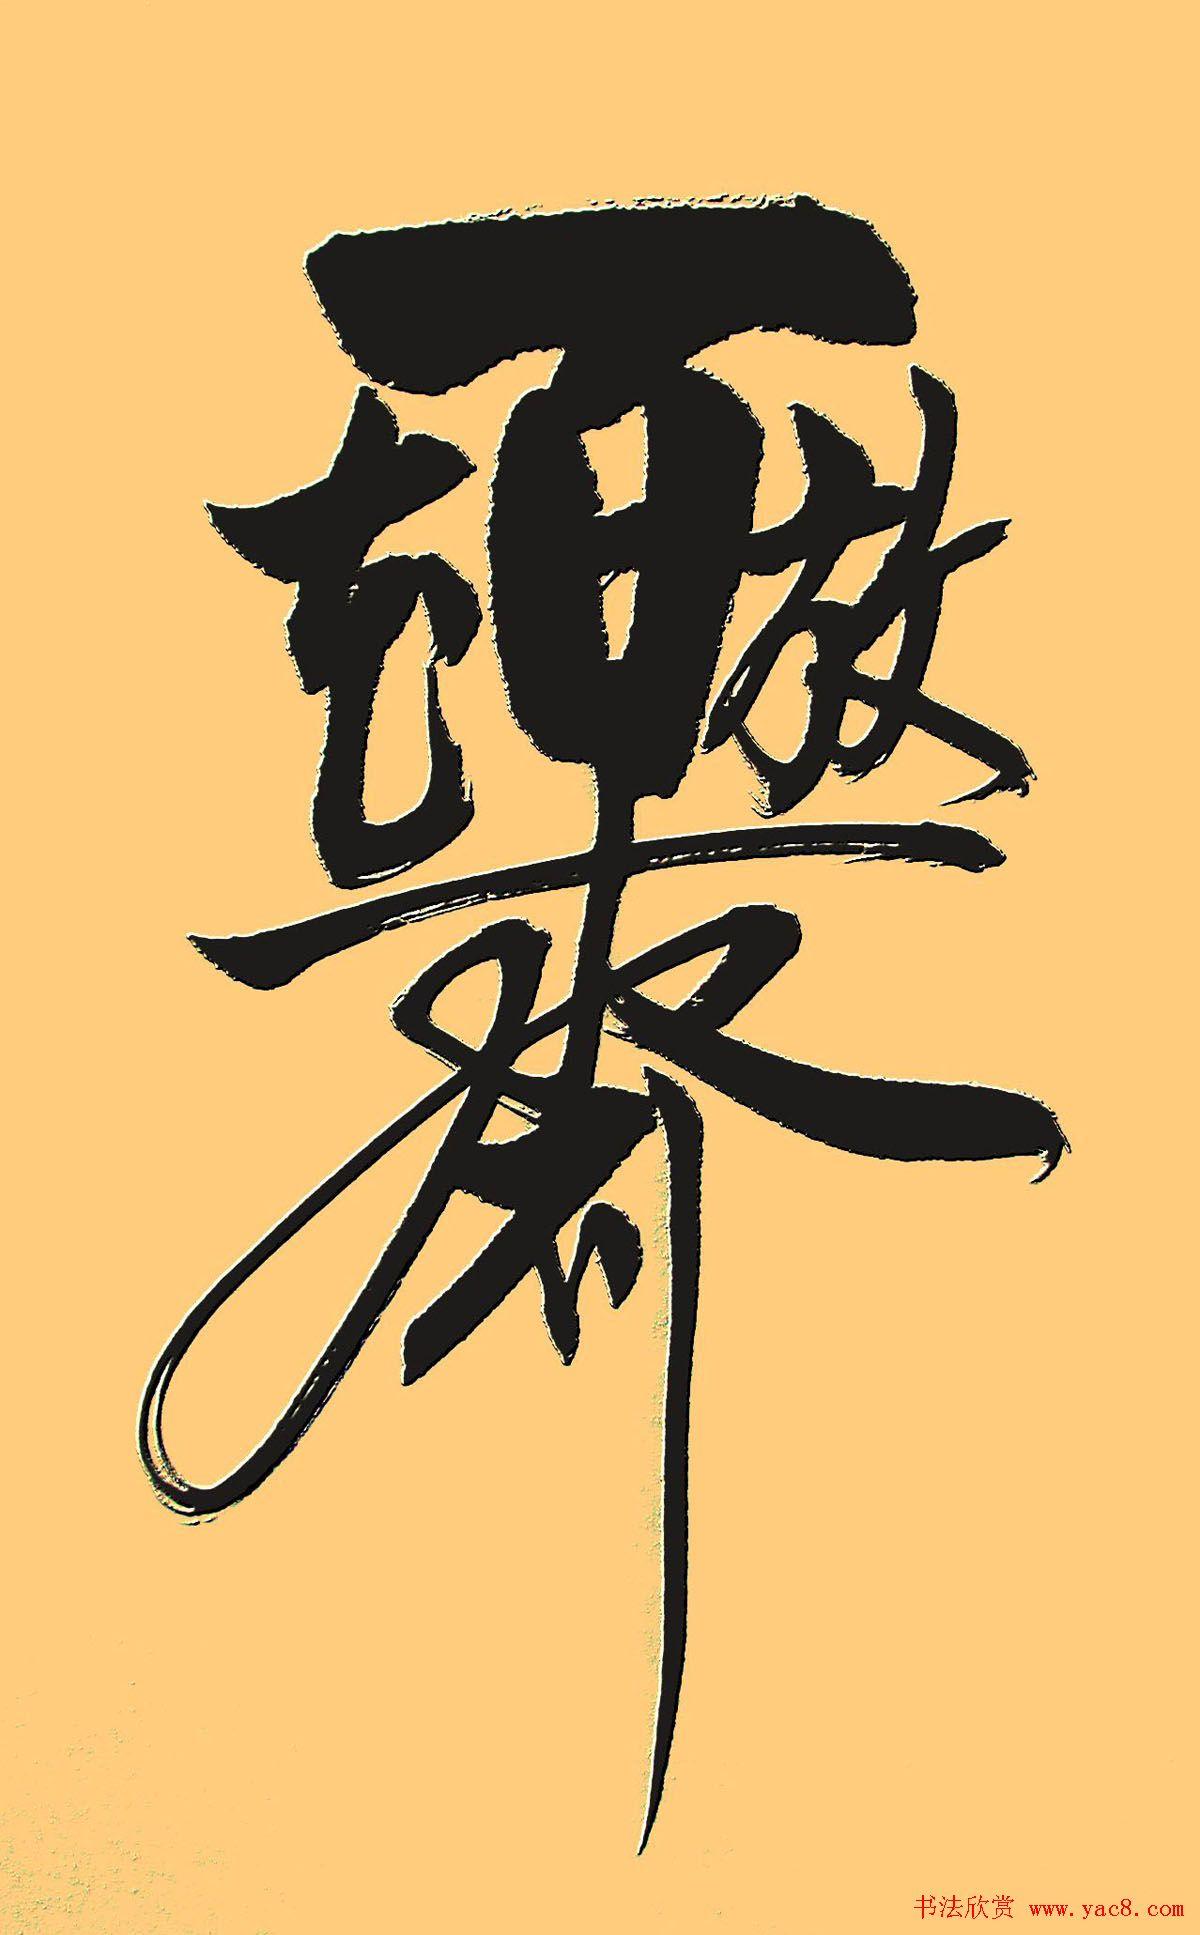 善字书法作品欣赏大全,五个字书法作品欣赏,虎字书法作品欣赏